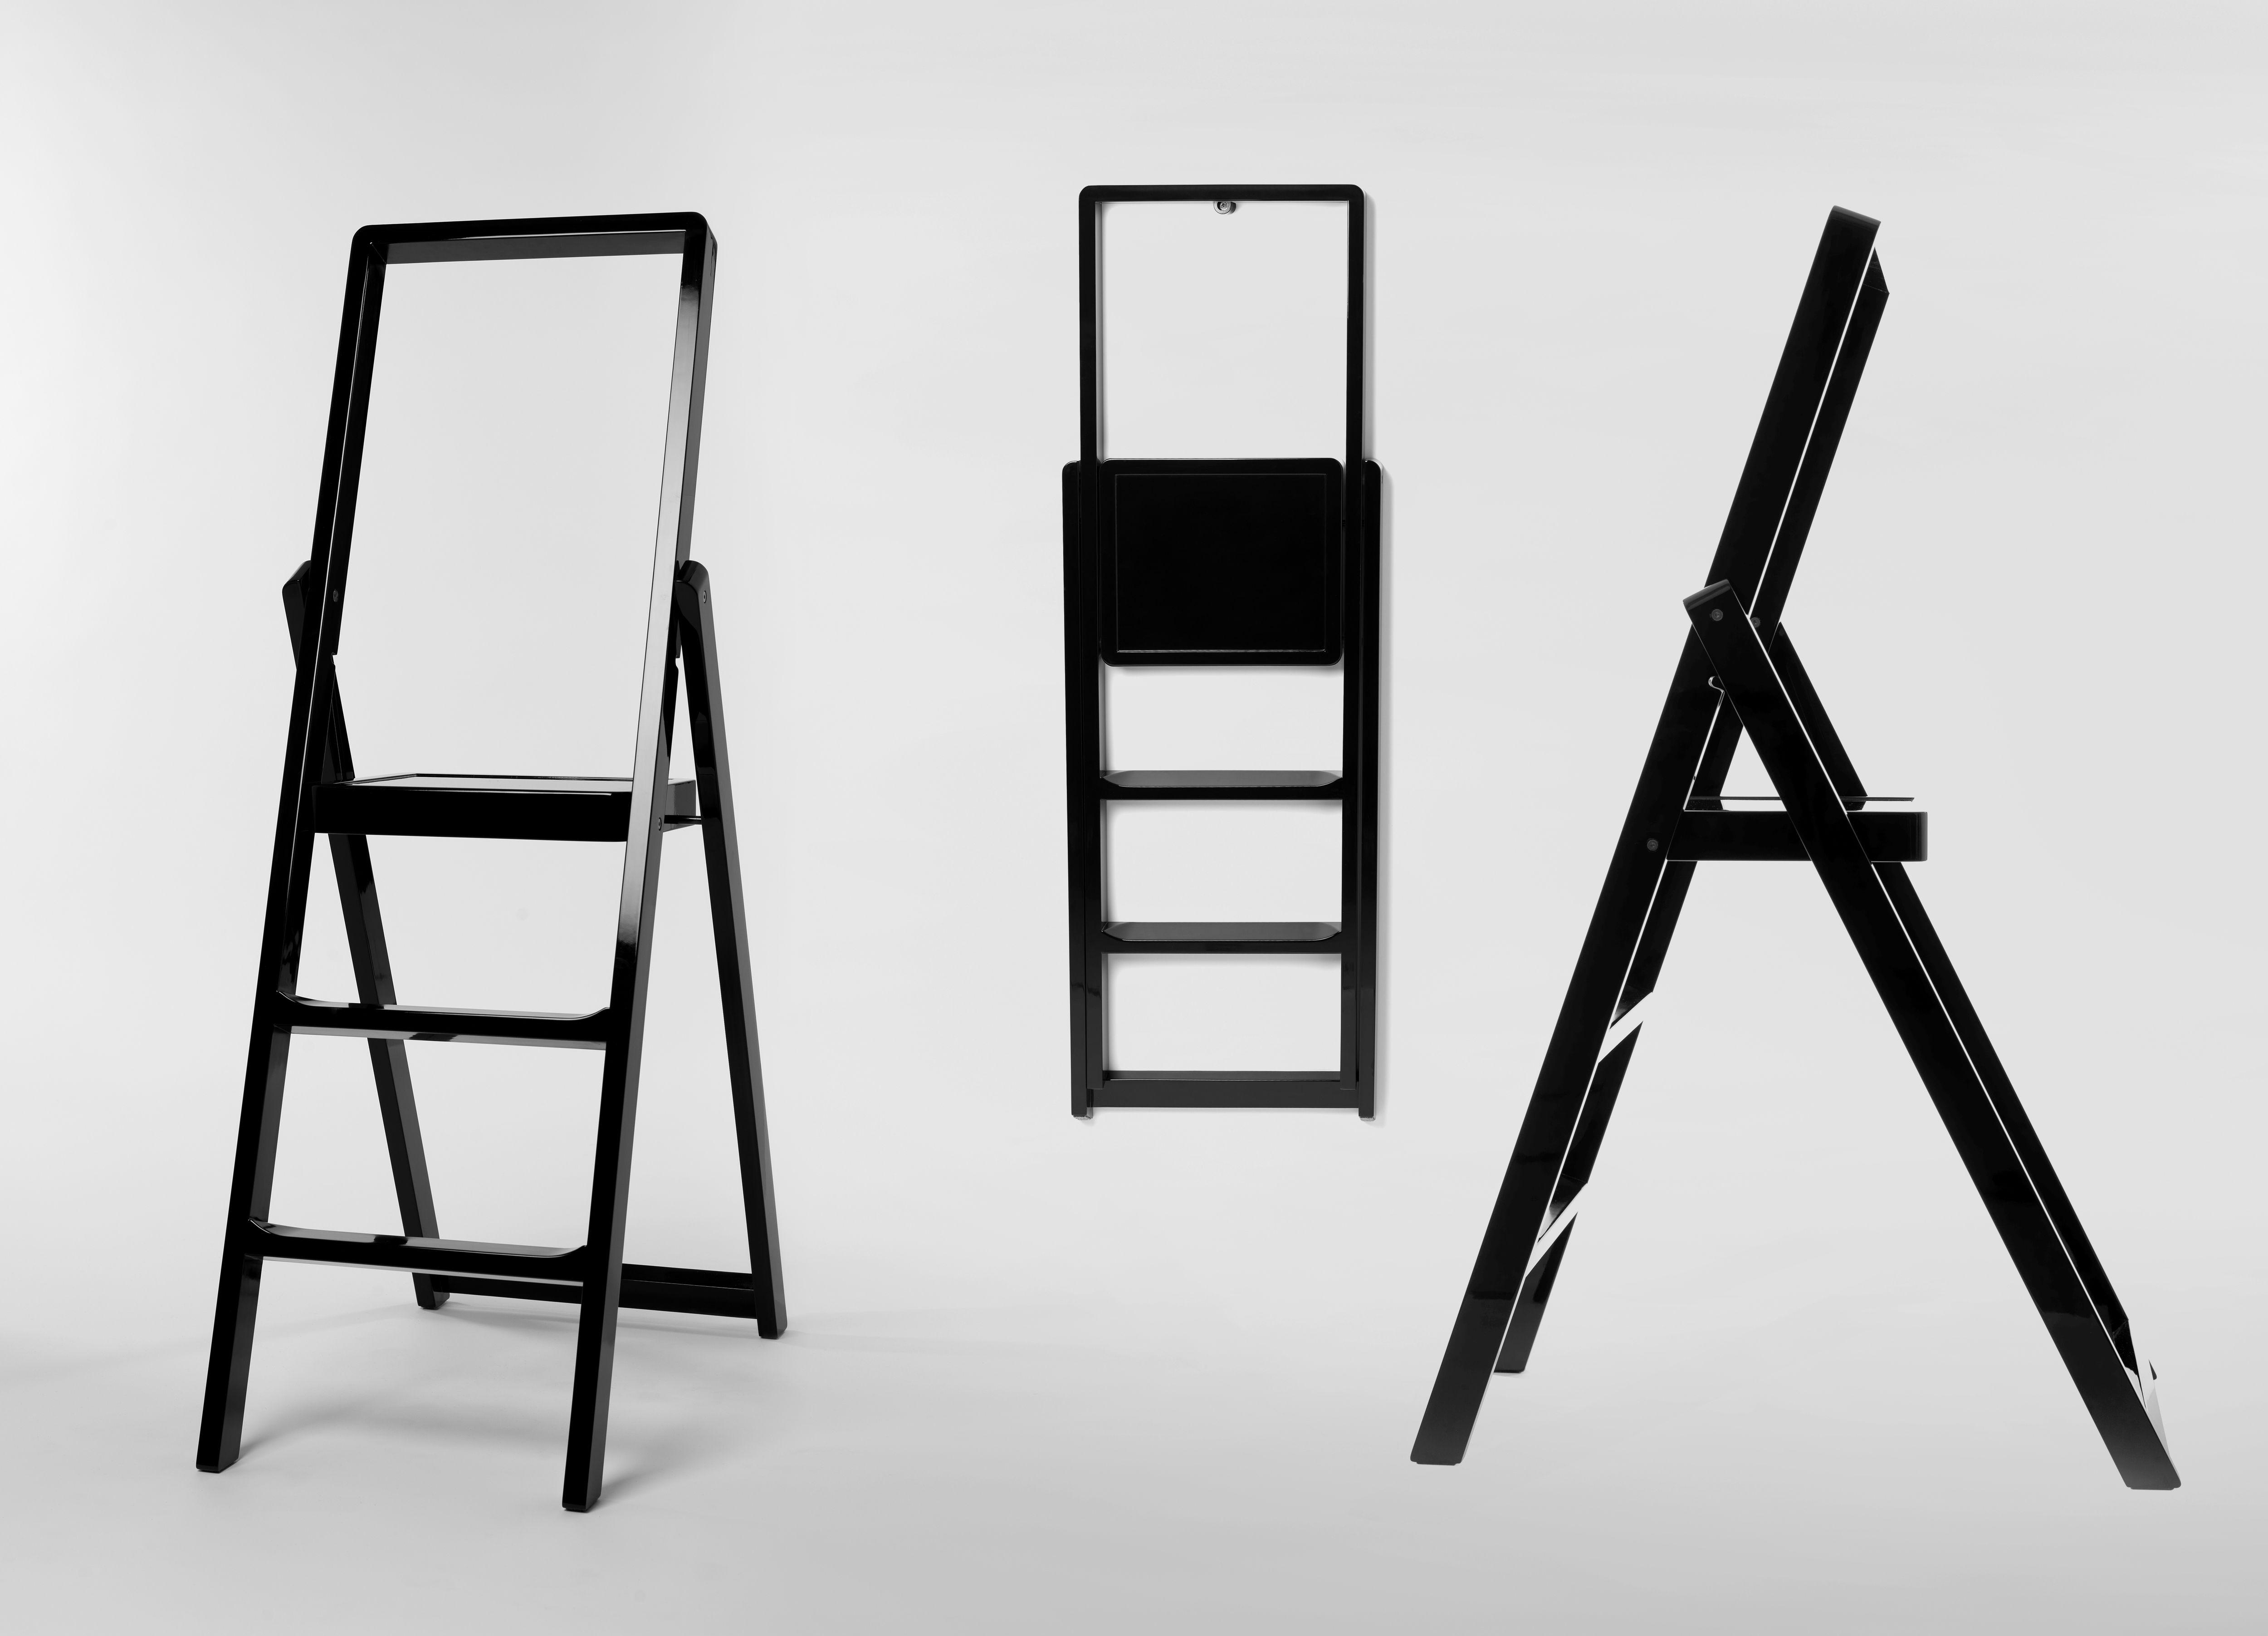 Step Stepladder Foldable Black By Design House Stockholm